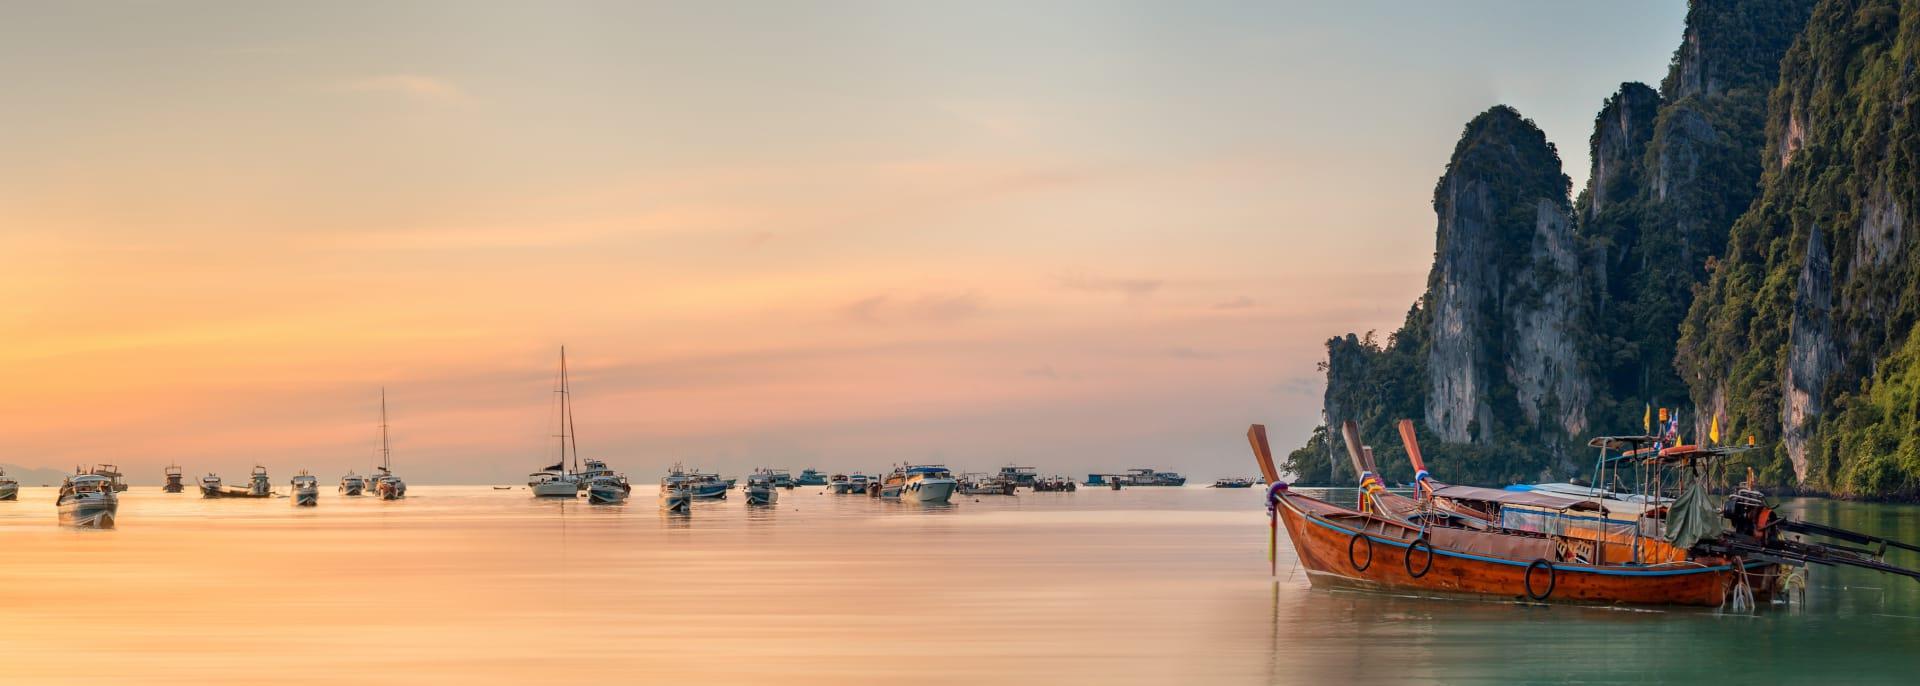 Süden, Thailand